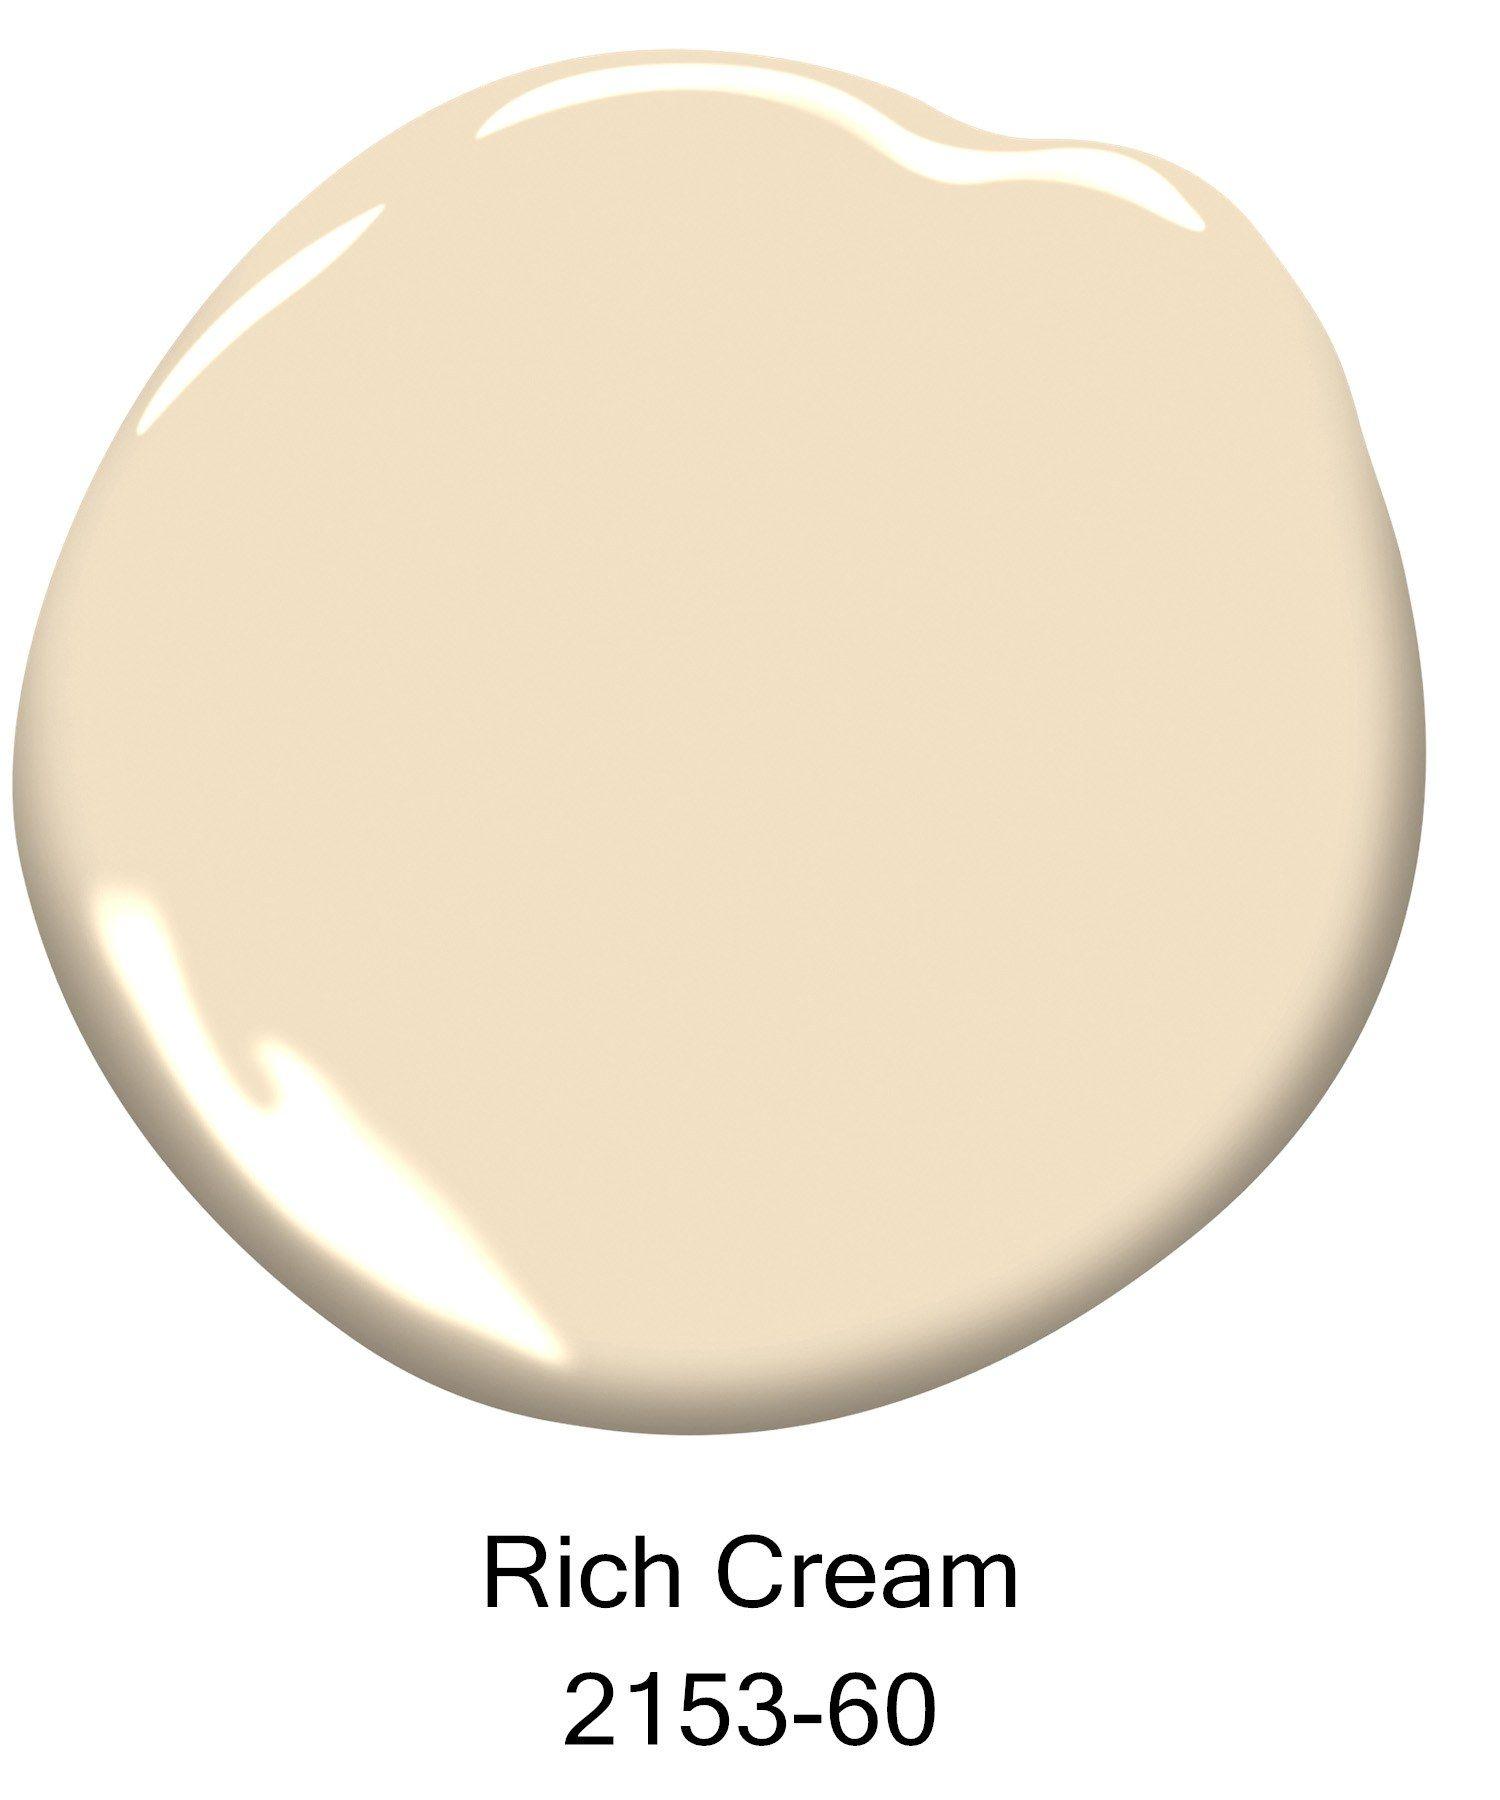 Rich cream 2153 60 courtesy of benjamin moore